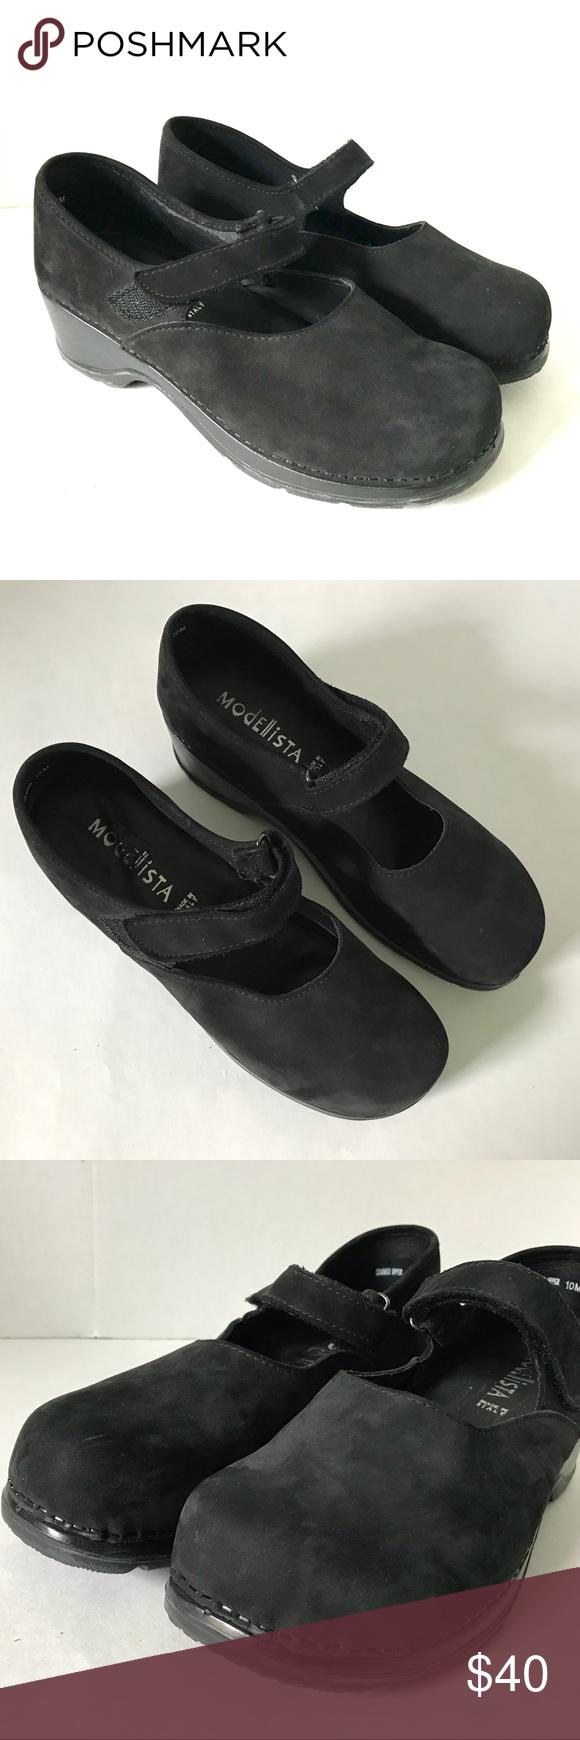 8279262313cf Modellista Black suede Mary Jane clogs 10 Euc Modellista Shoes Mules   Clogs